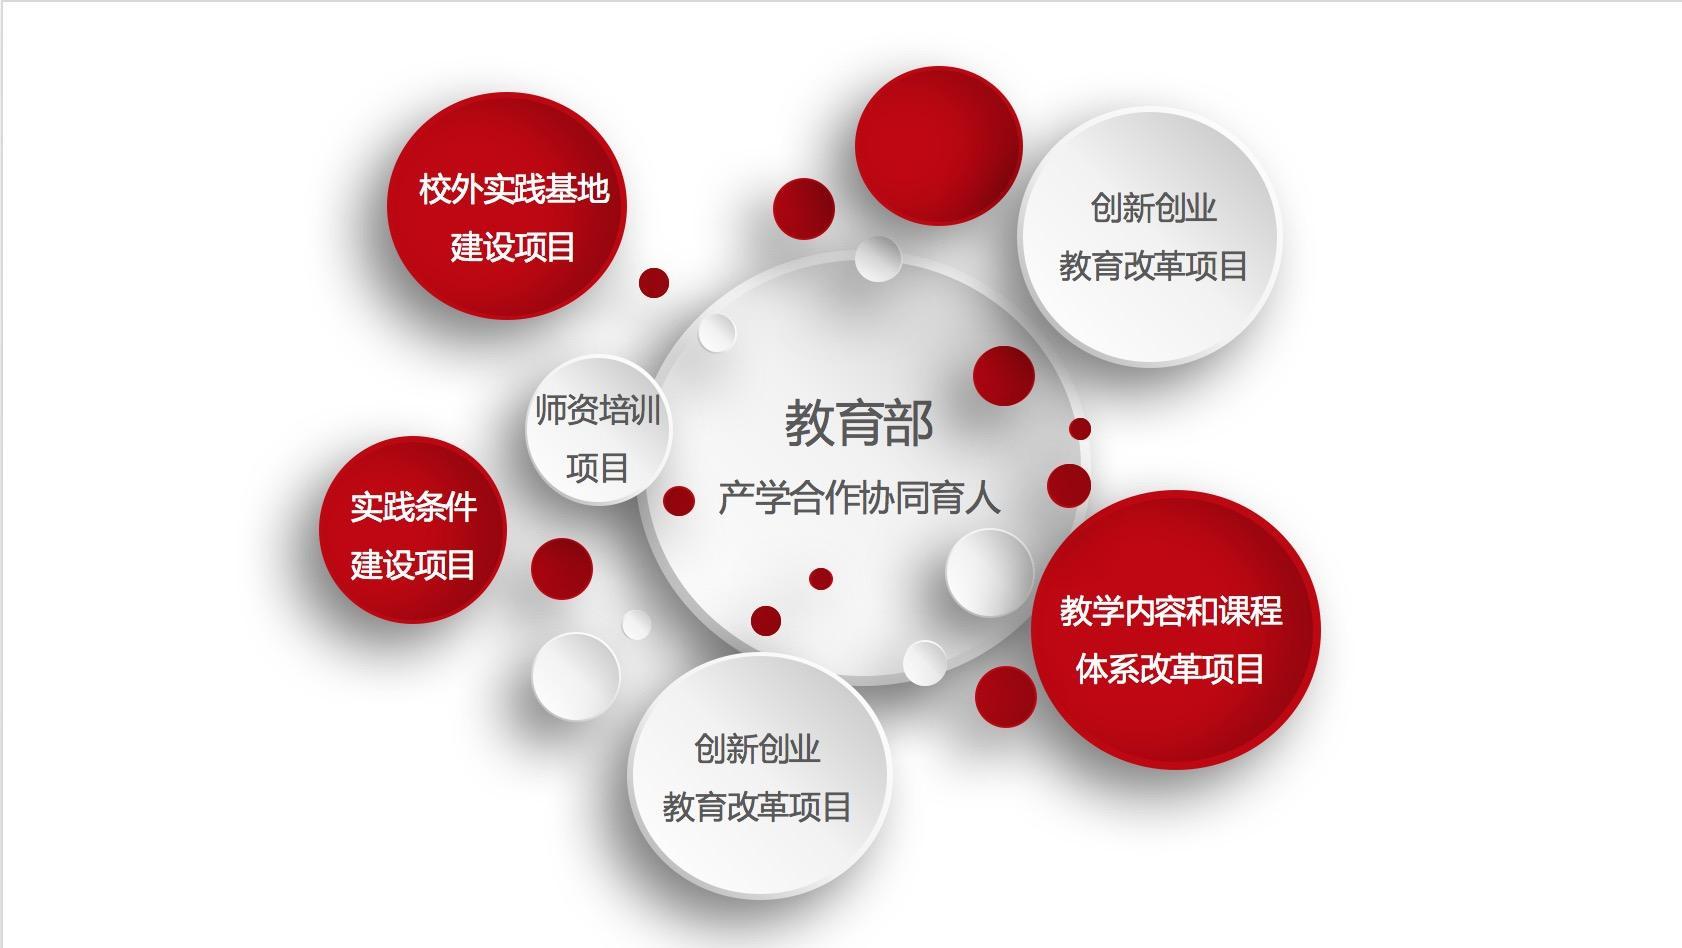 2019年优逸客科技有限公司 教育部产学合作协同育人项目申报